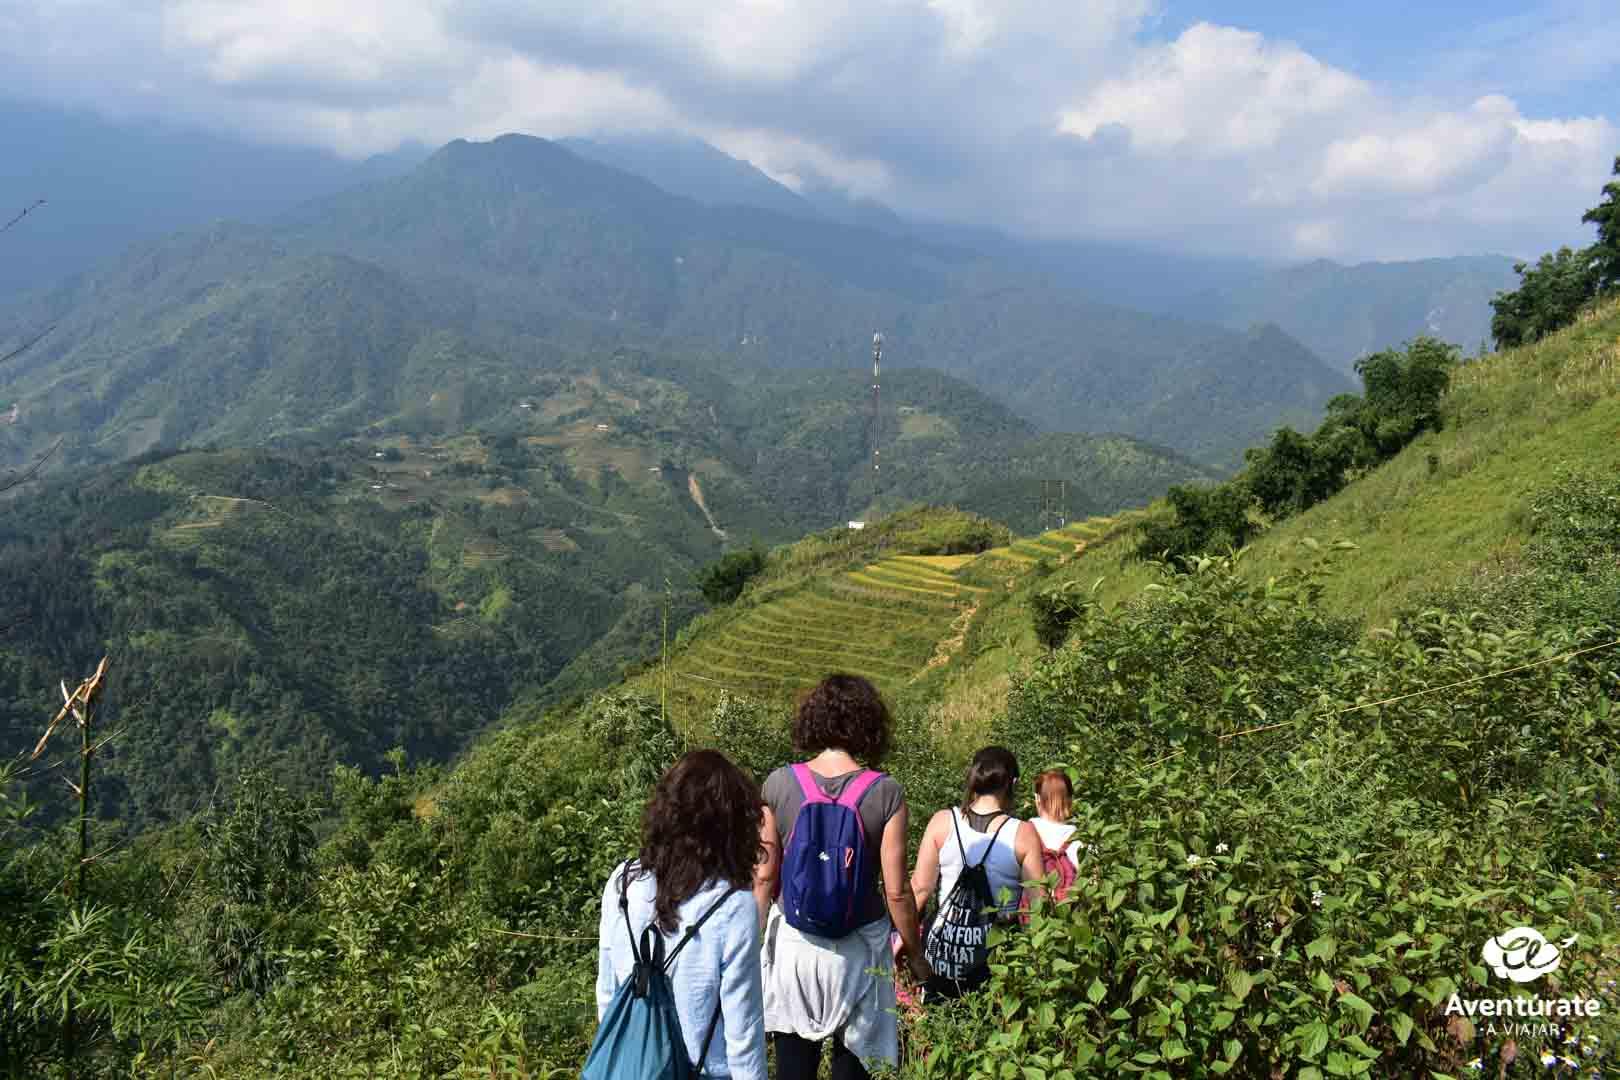 viajes de aventura sapa vietnam